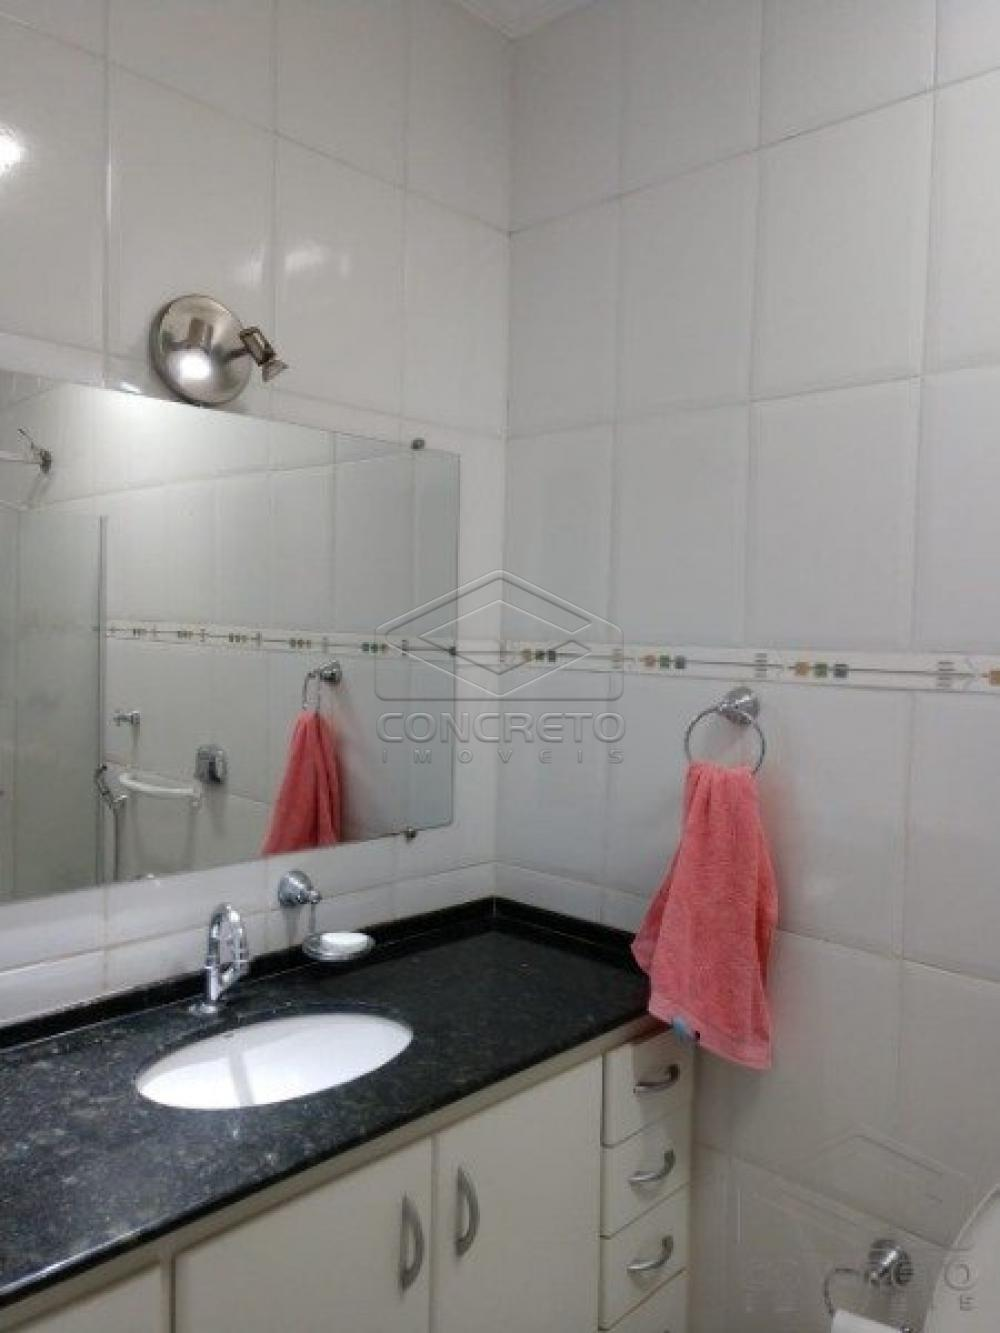 Comprar Casa / Residencia em Jaú apenas R$ 255.000,00 - Foto 2